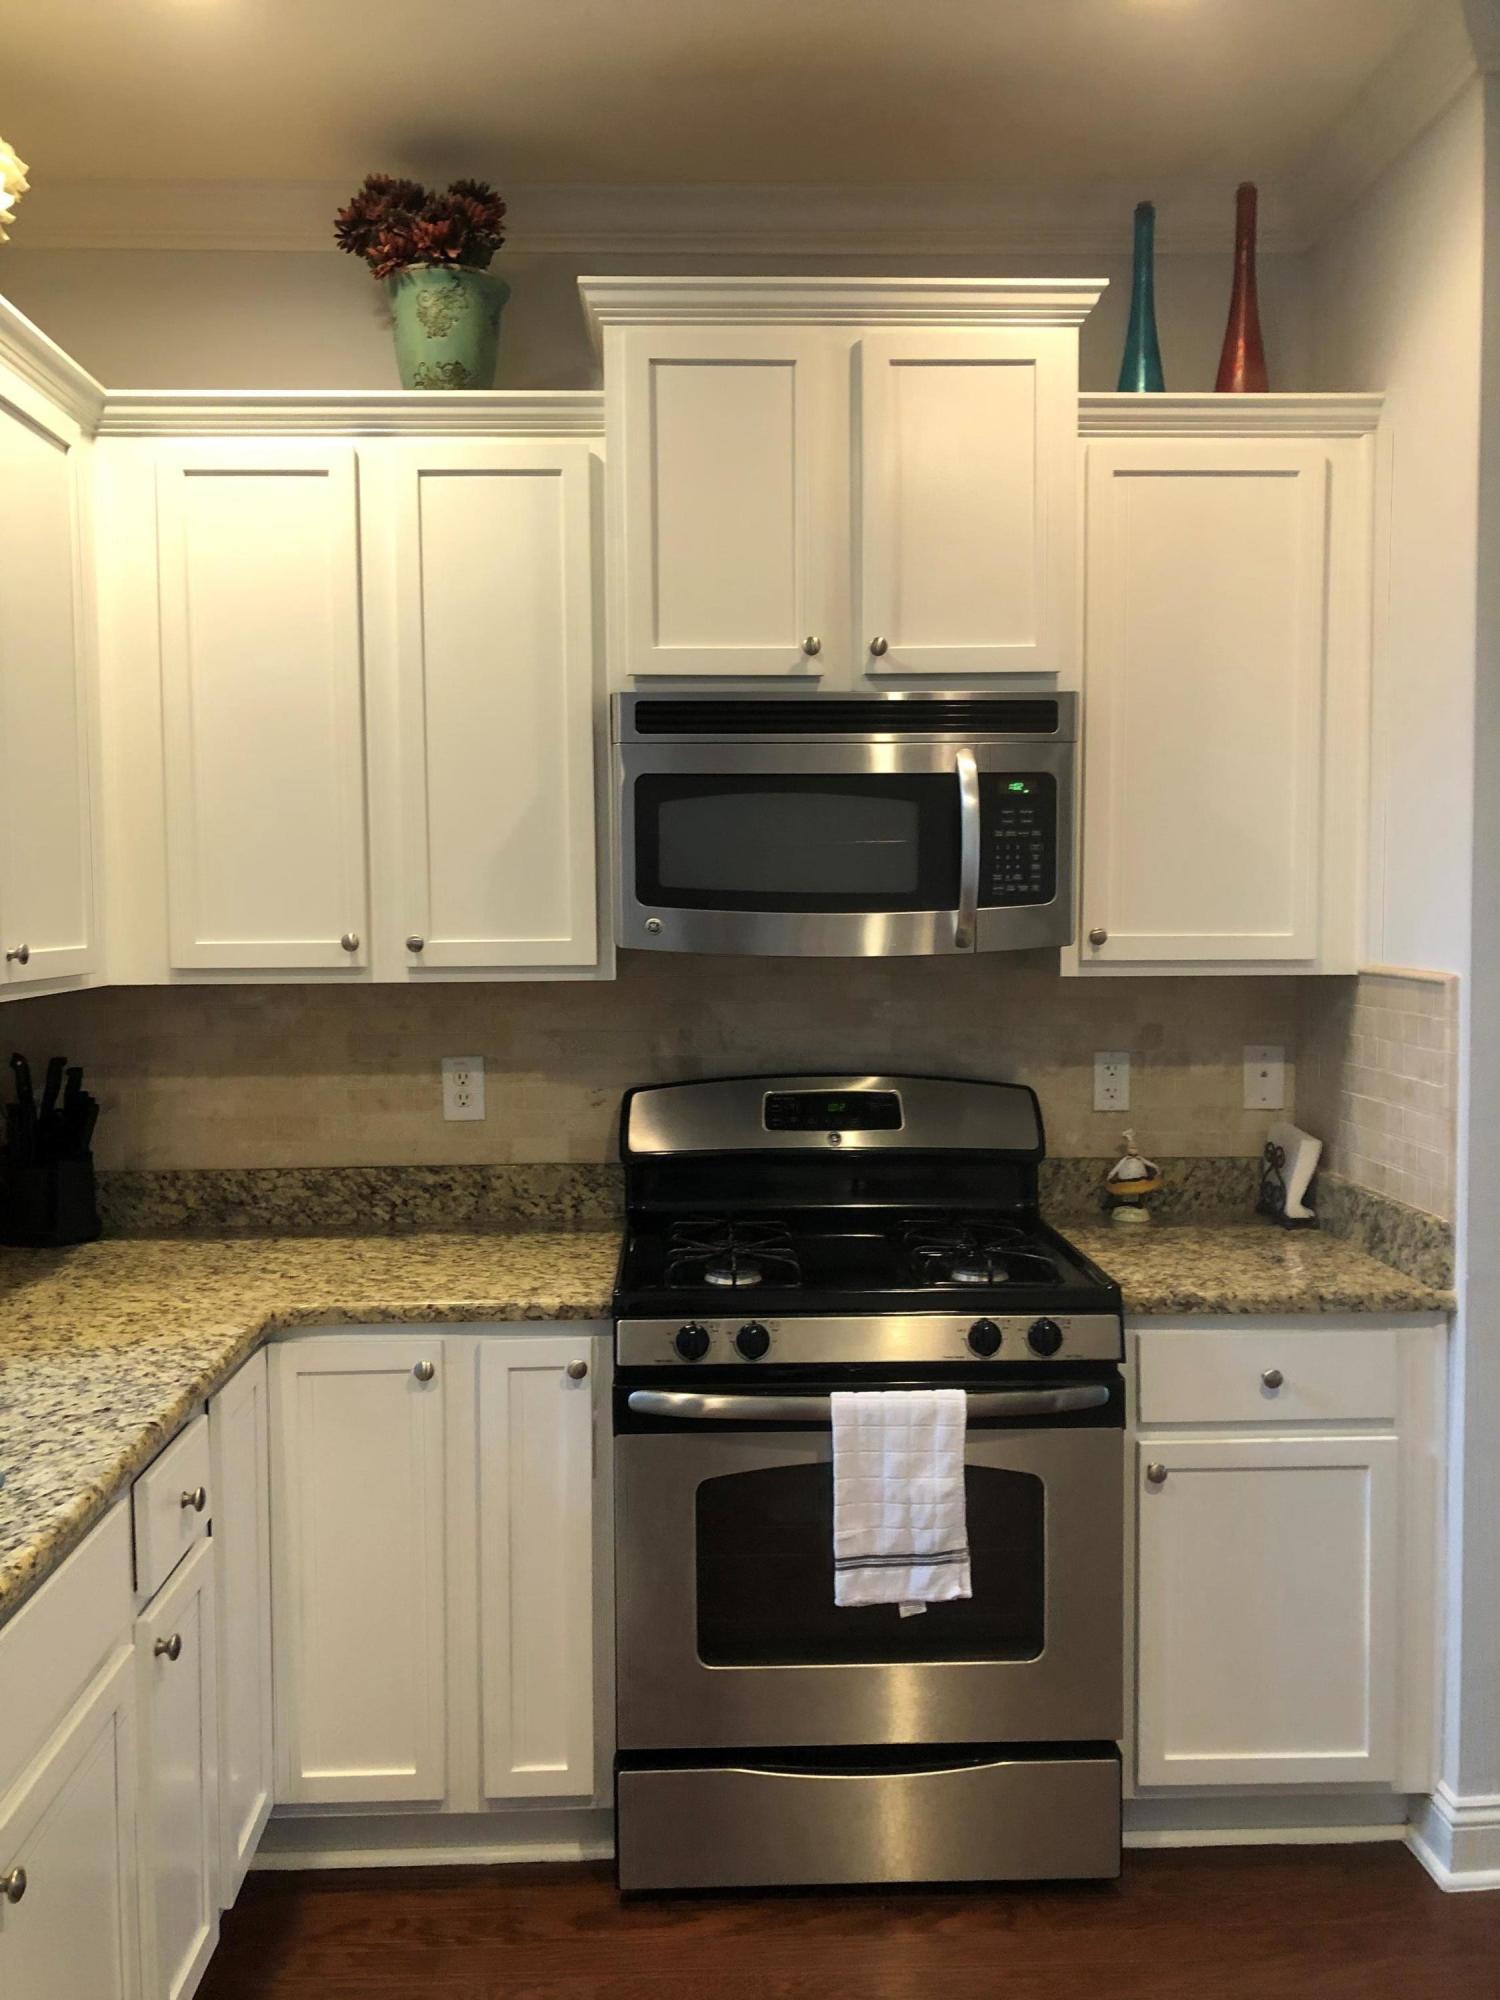 Park West Homes For Sale - 3643 Bagley, Mount Pleasant, SC - 28